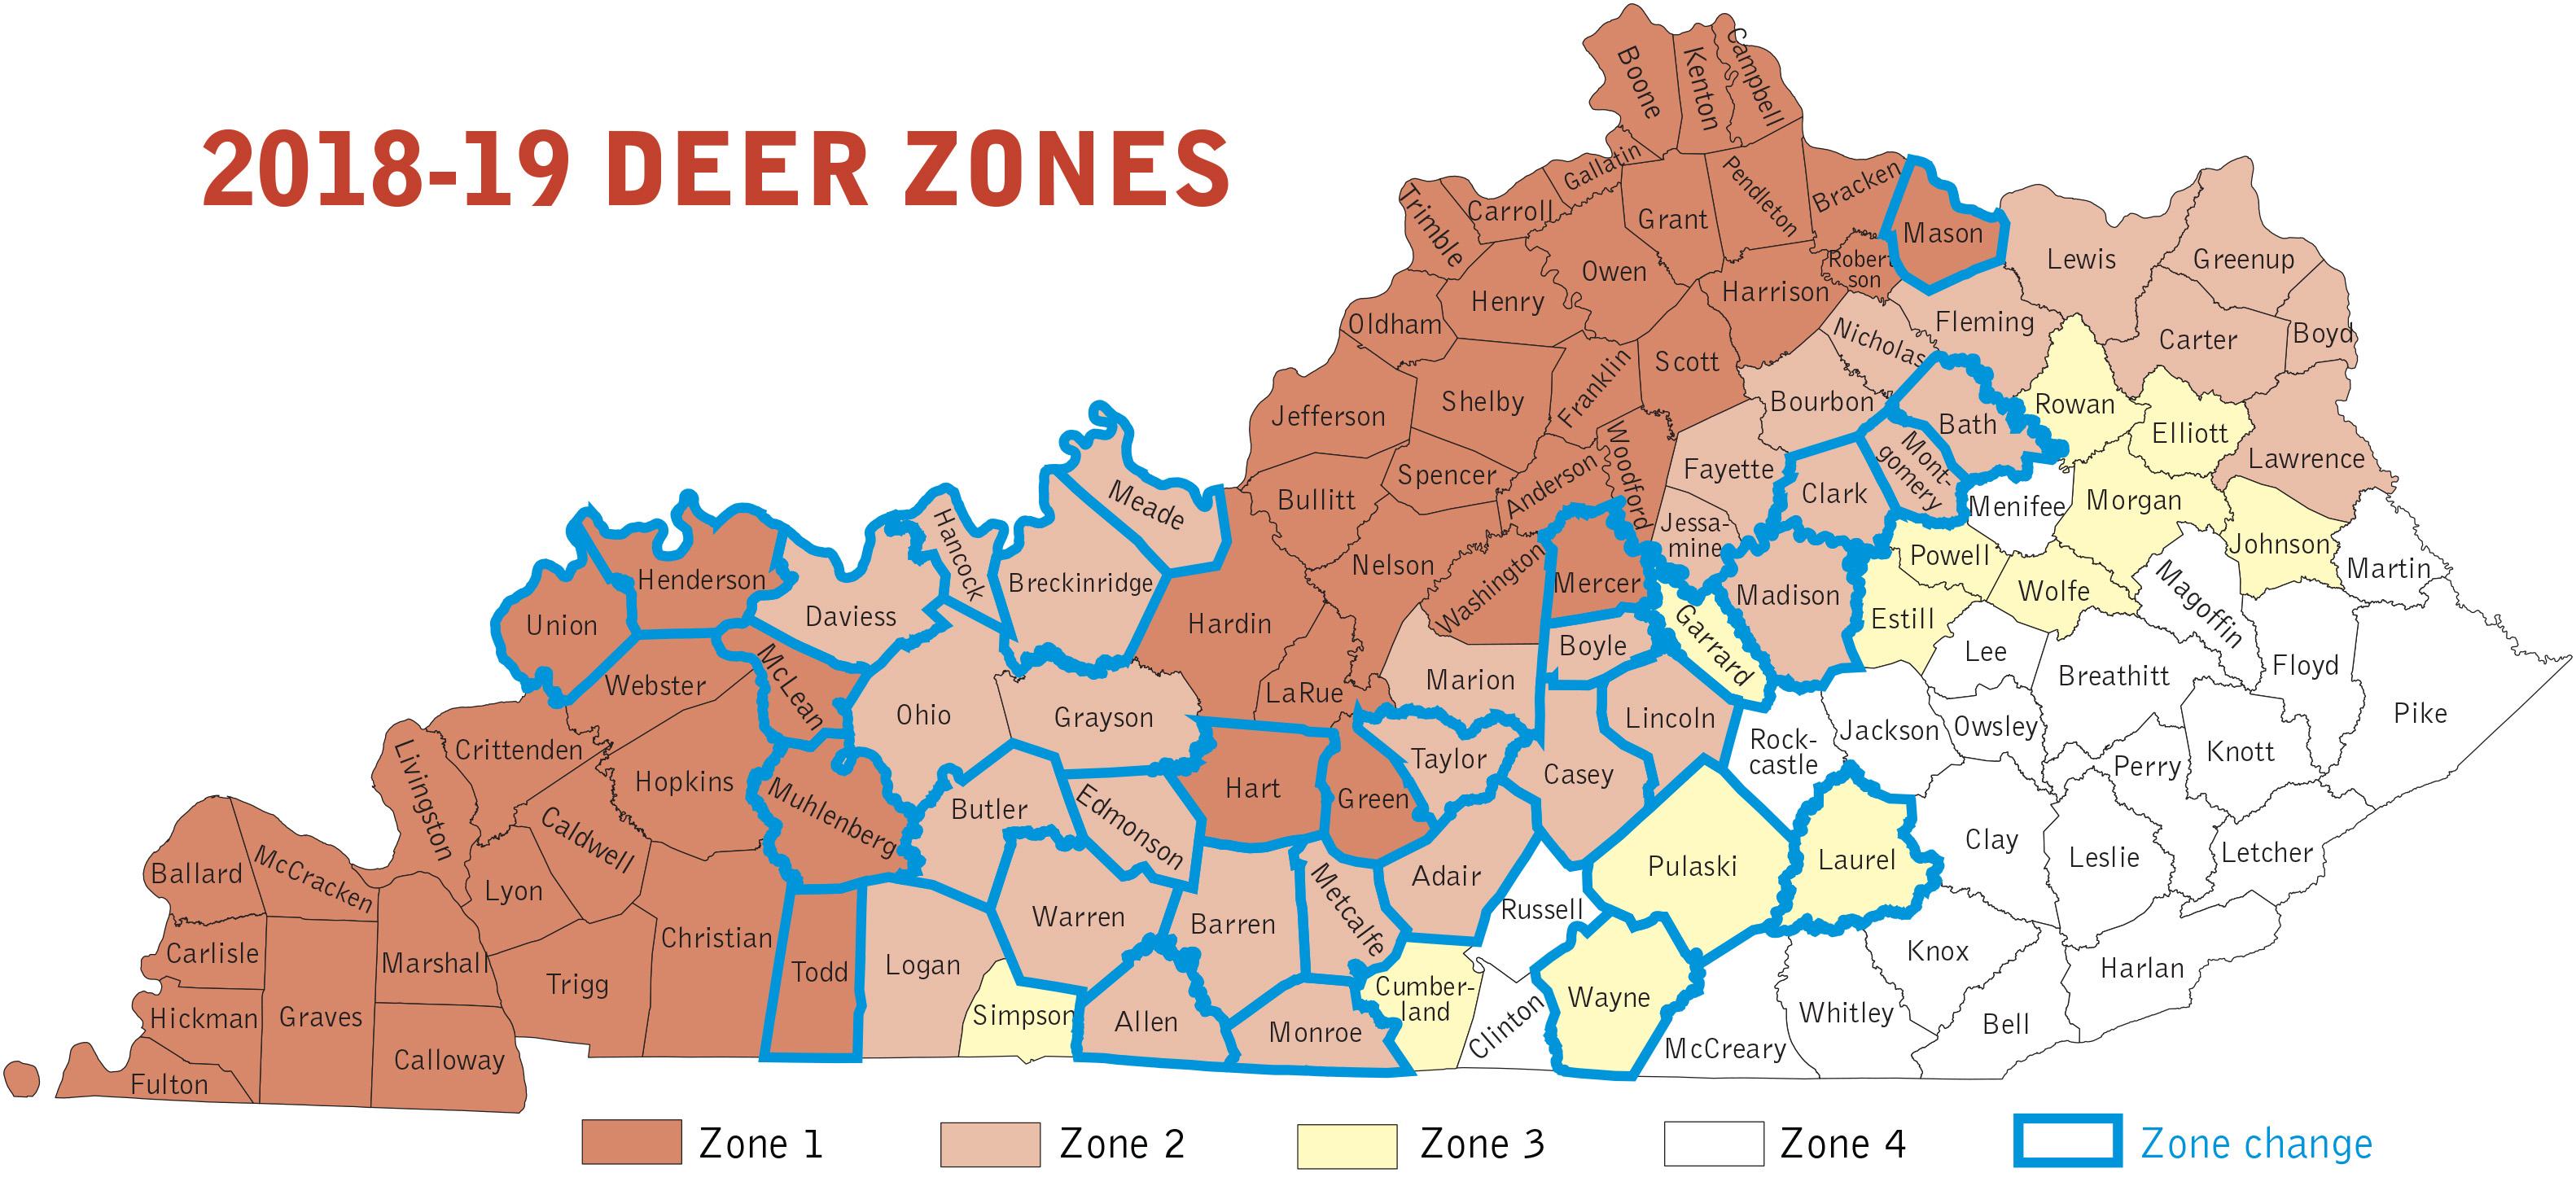 Kentucky Department Of Fish & Wildlife Deer Hunting Regulations - Texas Deer Population Map 2017